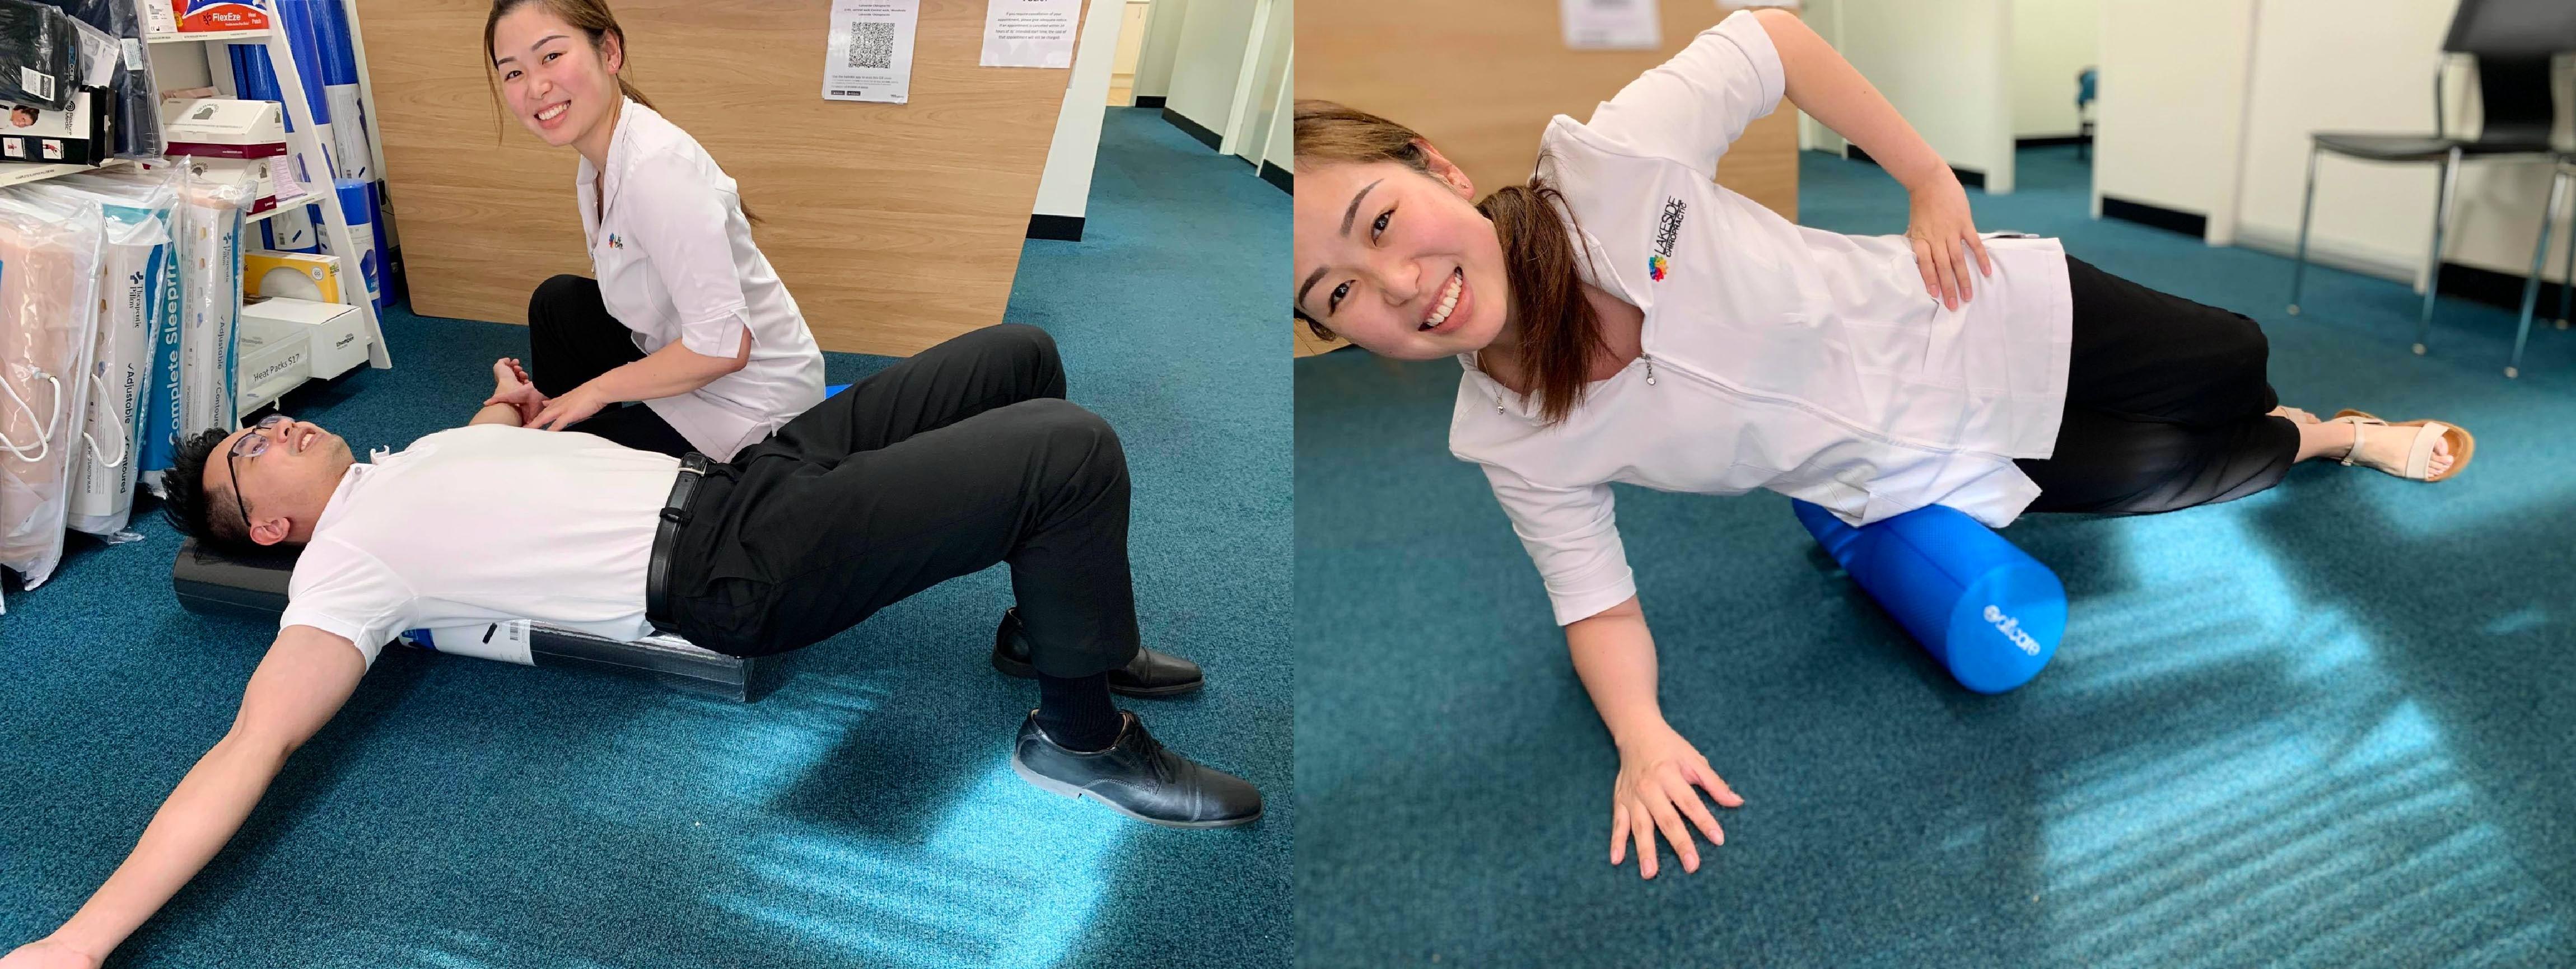 foam rolling on floor